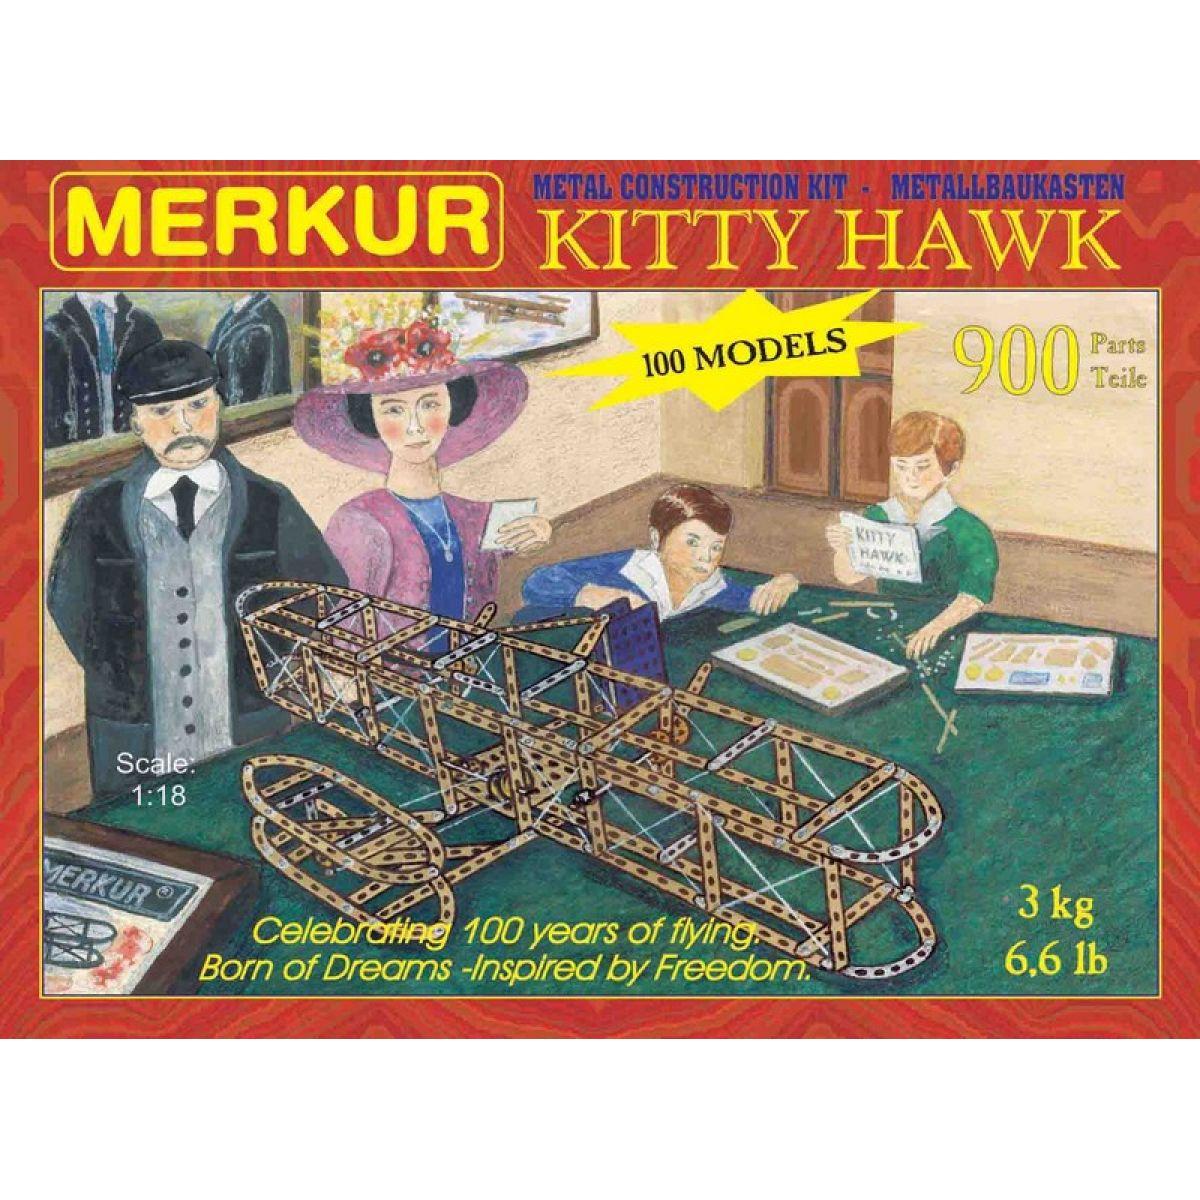 Merkur stavebnice Kitty Hawk 900d